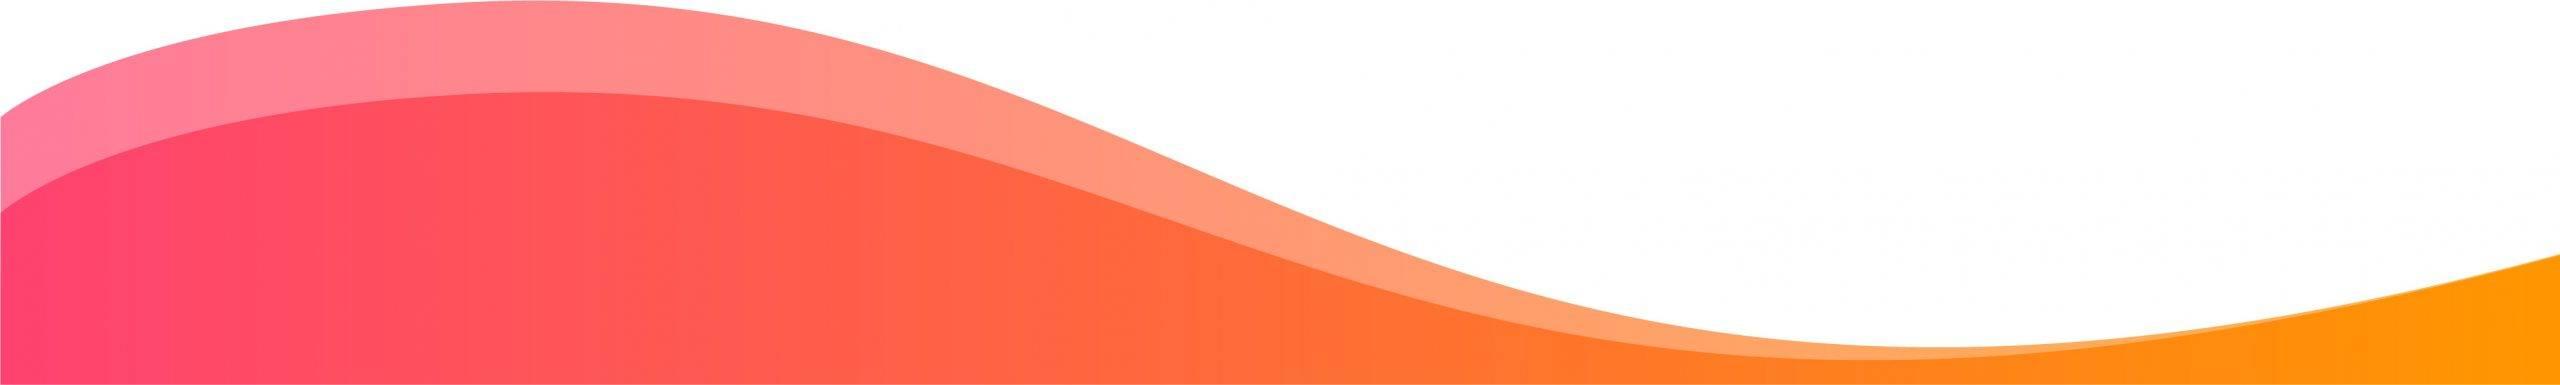 onda parziale superiore 600 px - gradiente